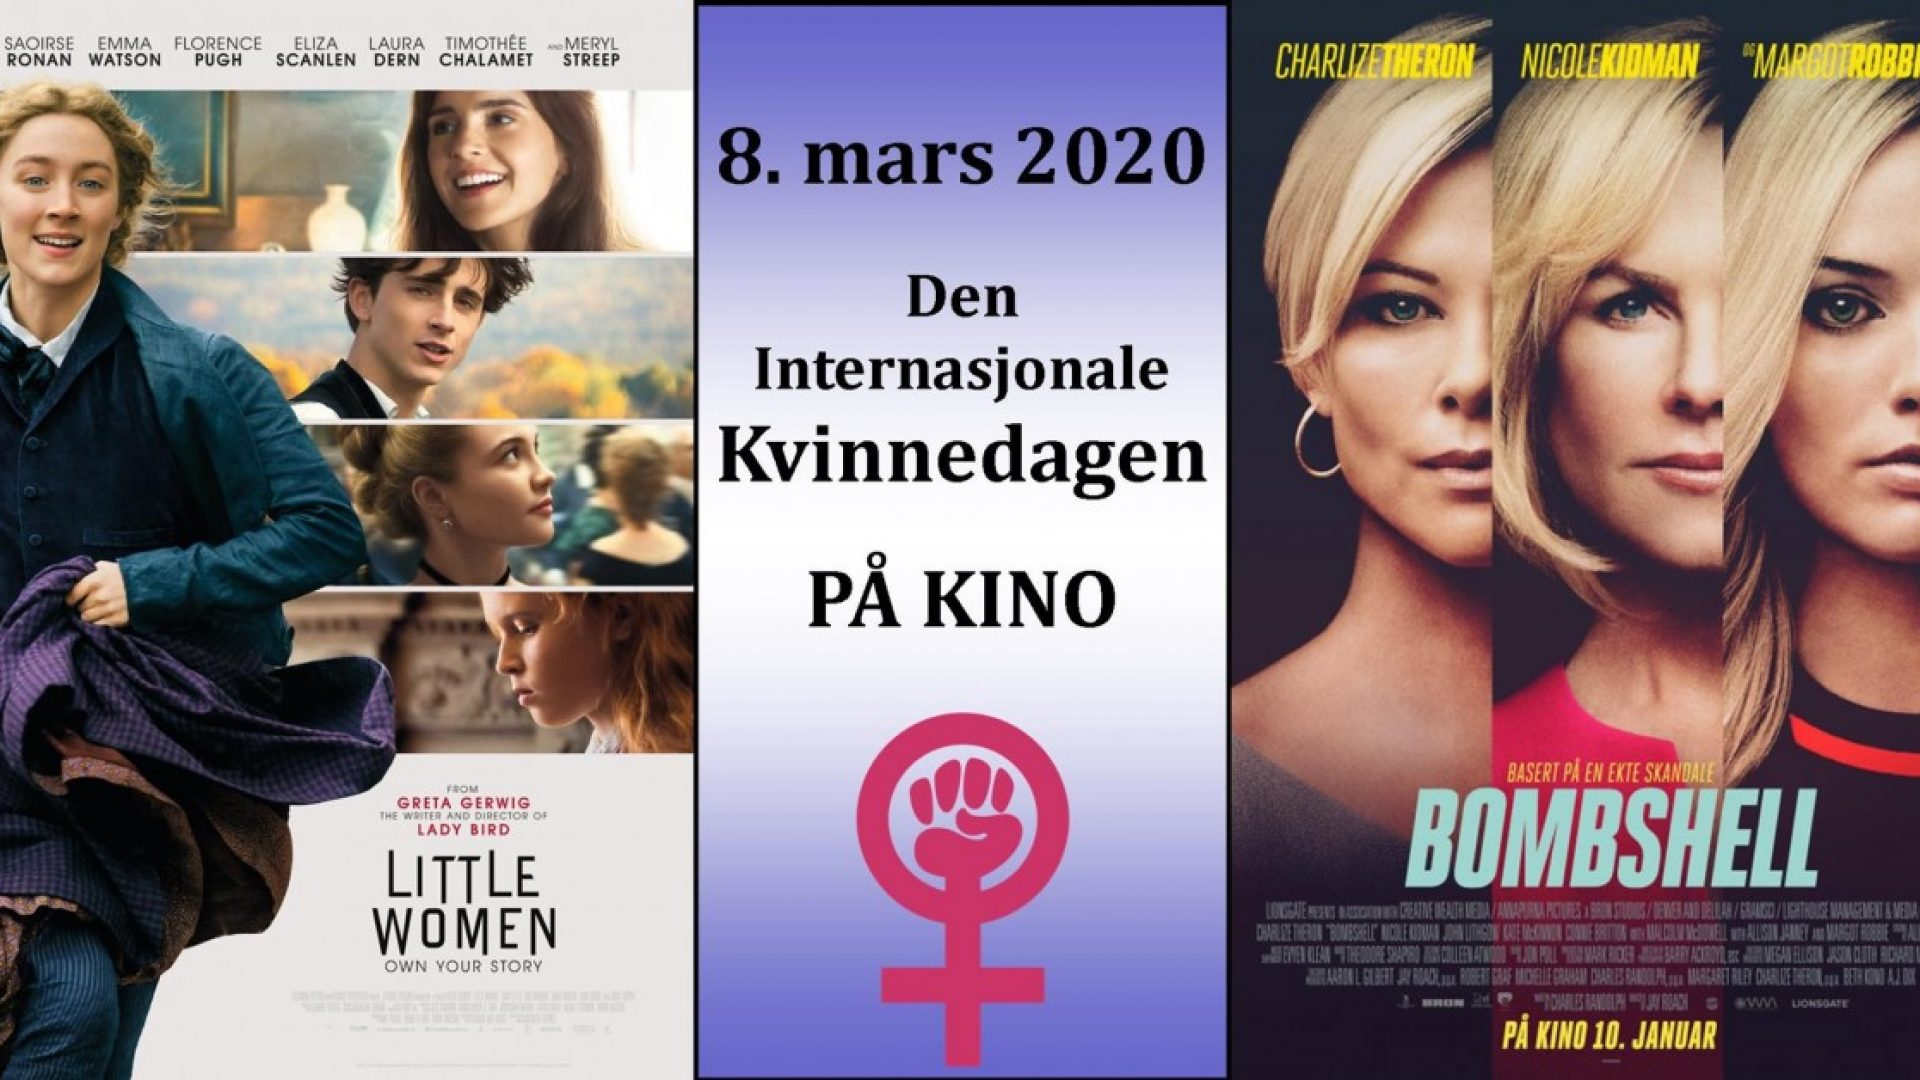 Filmplakater i mange ulike farger